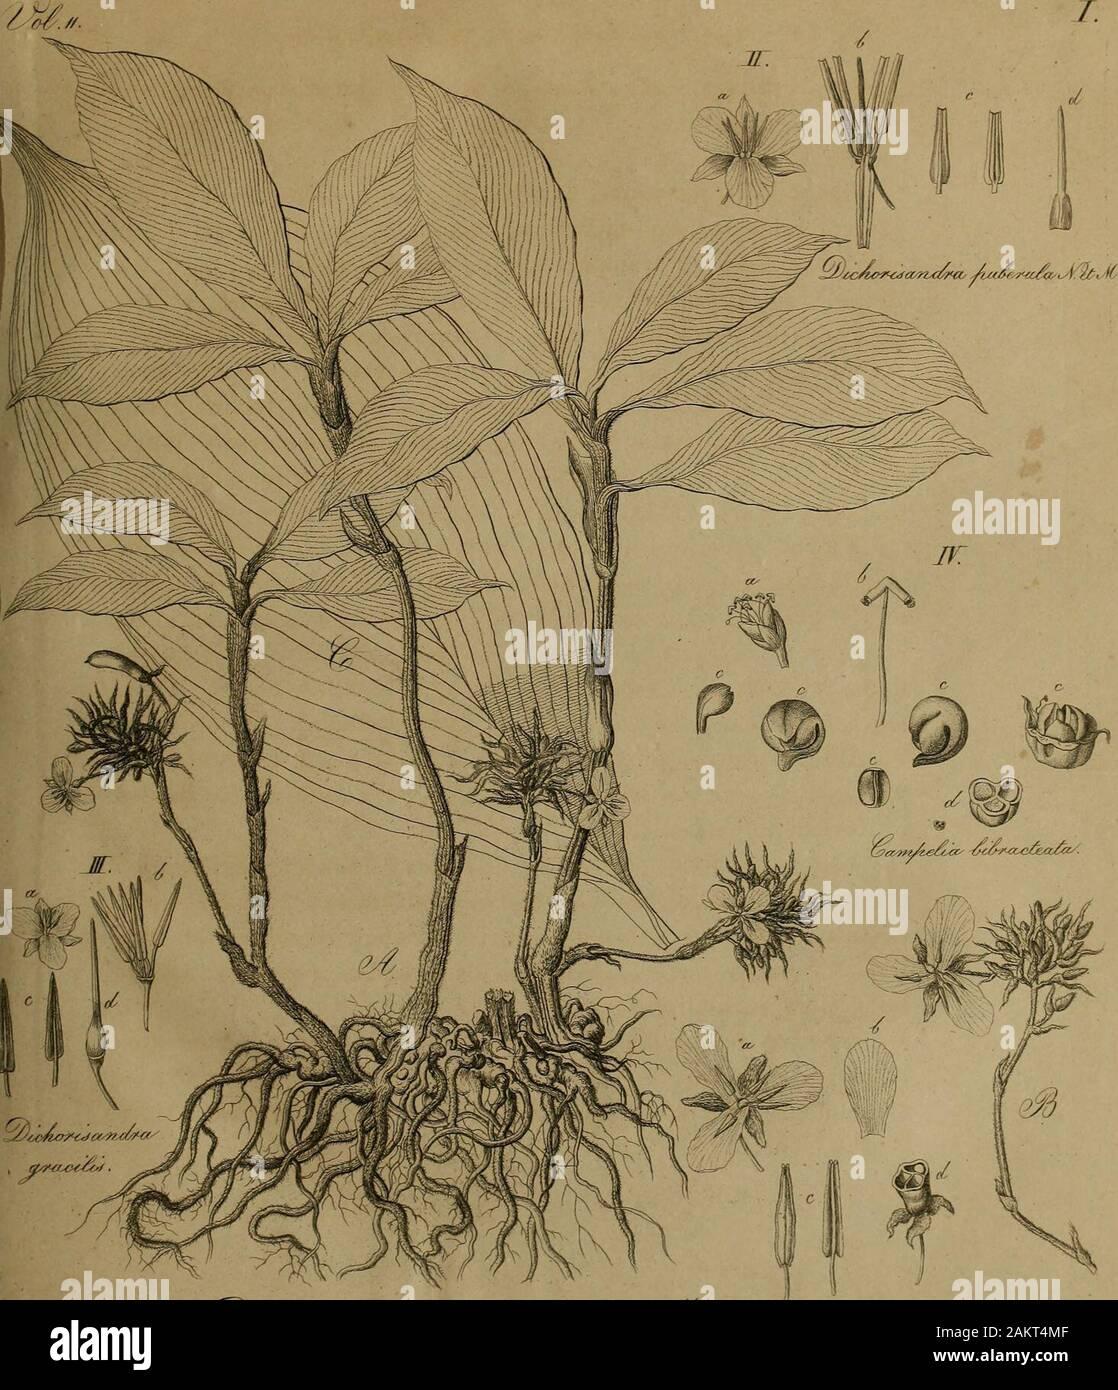 Nova acta physico-medica . cuminata villosa. Flores magnitudine atque figura eorundem Tradescantiaevirginicae j foliola calicina 3, externe villosa j petala calyceduplo longiora, tenera , obovata, basi angustiora, coerulea,raacula alba ad basin notata. Stamina calicis fere longitudine filamenta glabraj antherae lanceolatae, basi subsagittatae, flavae,apice coeruleae, dorso venosae, introrsum apice dehiscentes.Pistillum parvum, saepe abortiens. Saepe eliam paniculae in-veniunlur plane abortientes, quarum ne unus quidem flos adevolutionem pervenit, Fructus: Bacca, sive capsula baccata, non dehi Stock Photo